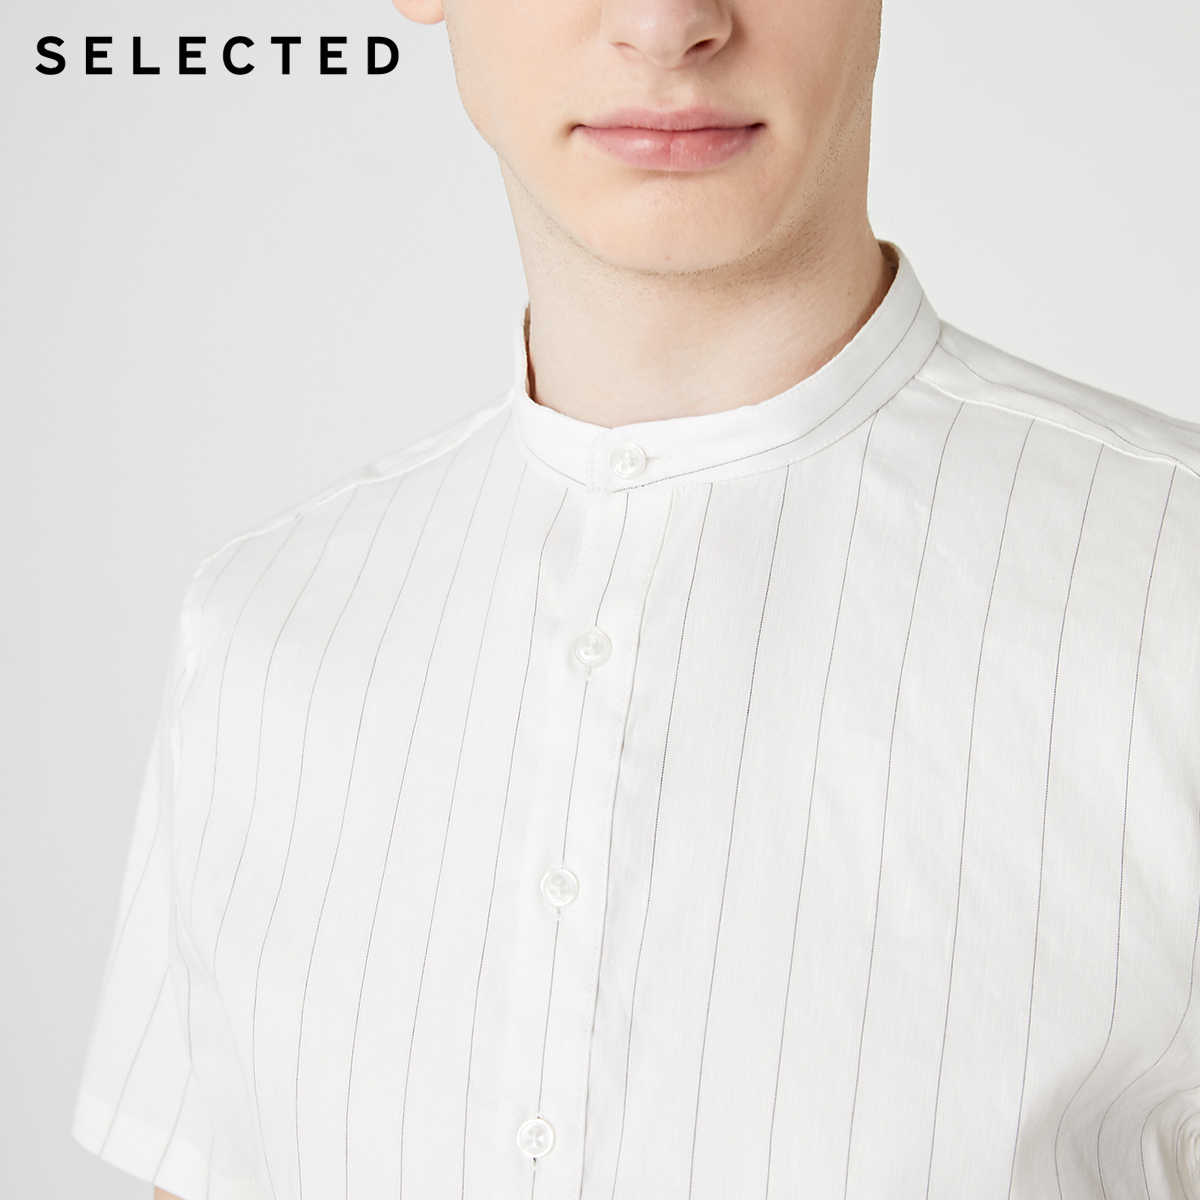 AUSGEWÄHLT männer Leinen Gestreiften Trendy Stilvolle Kurzen ärmeln Business Casual Shirts S   419204566